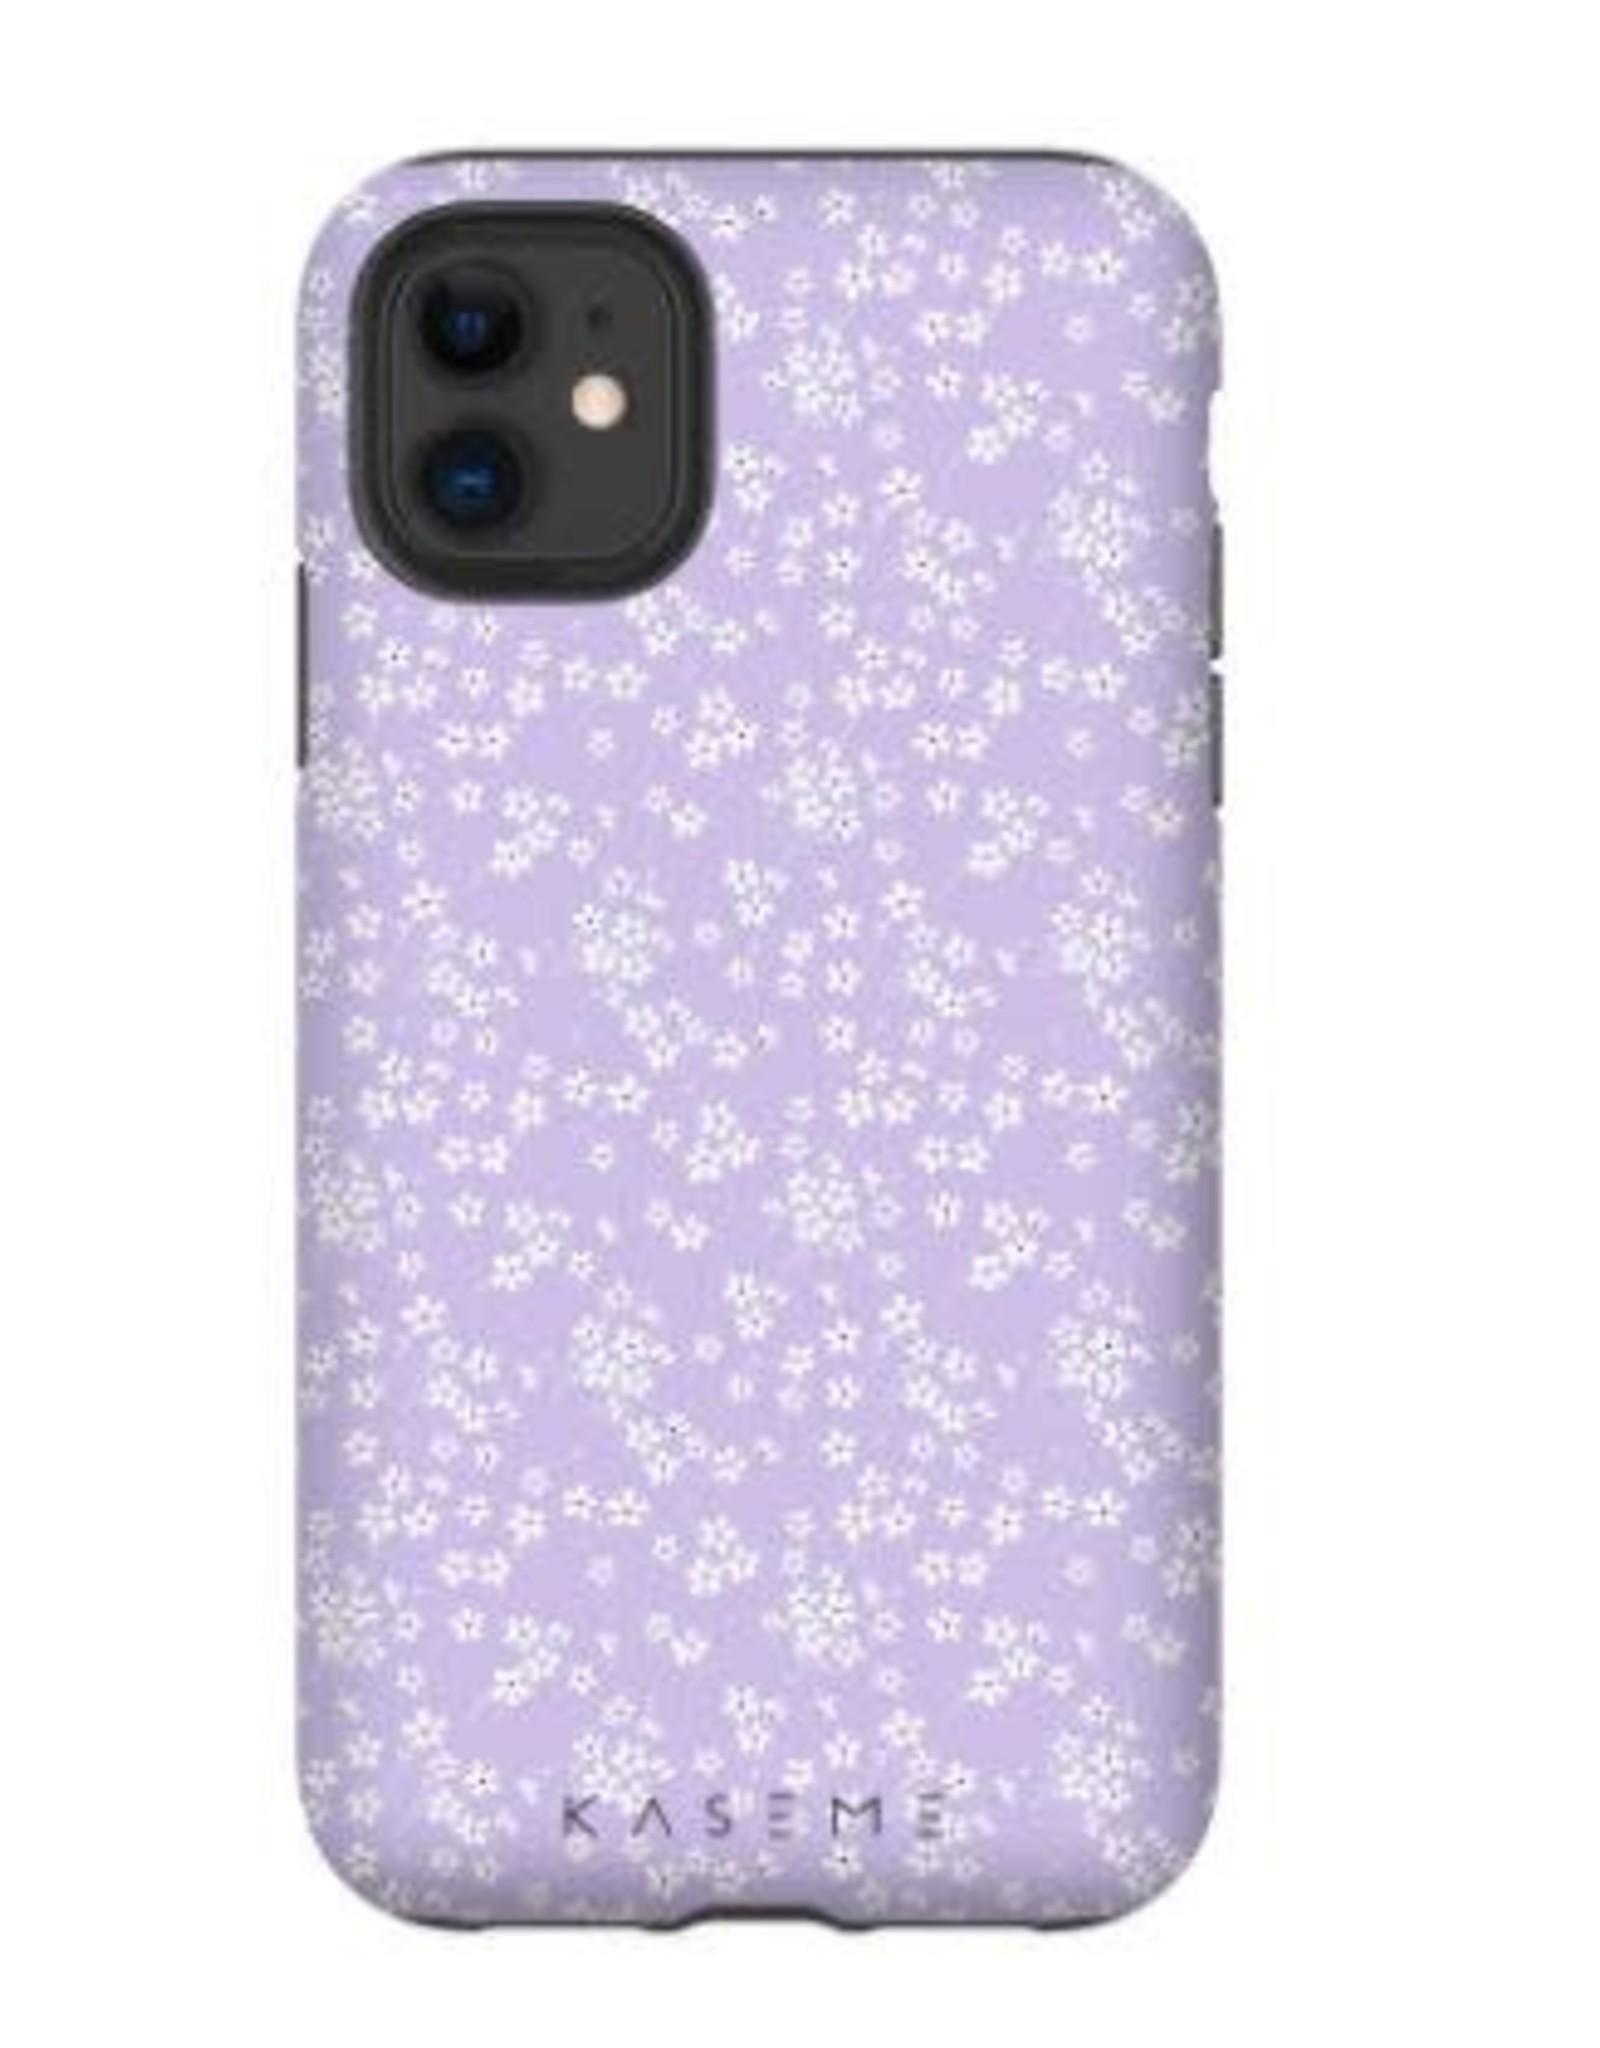 Kaseme Kaseme - Étui cellulaire IPhone posy